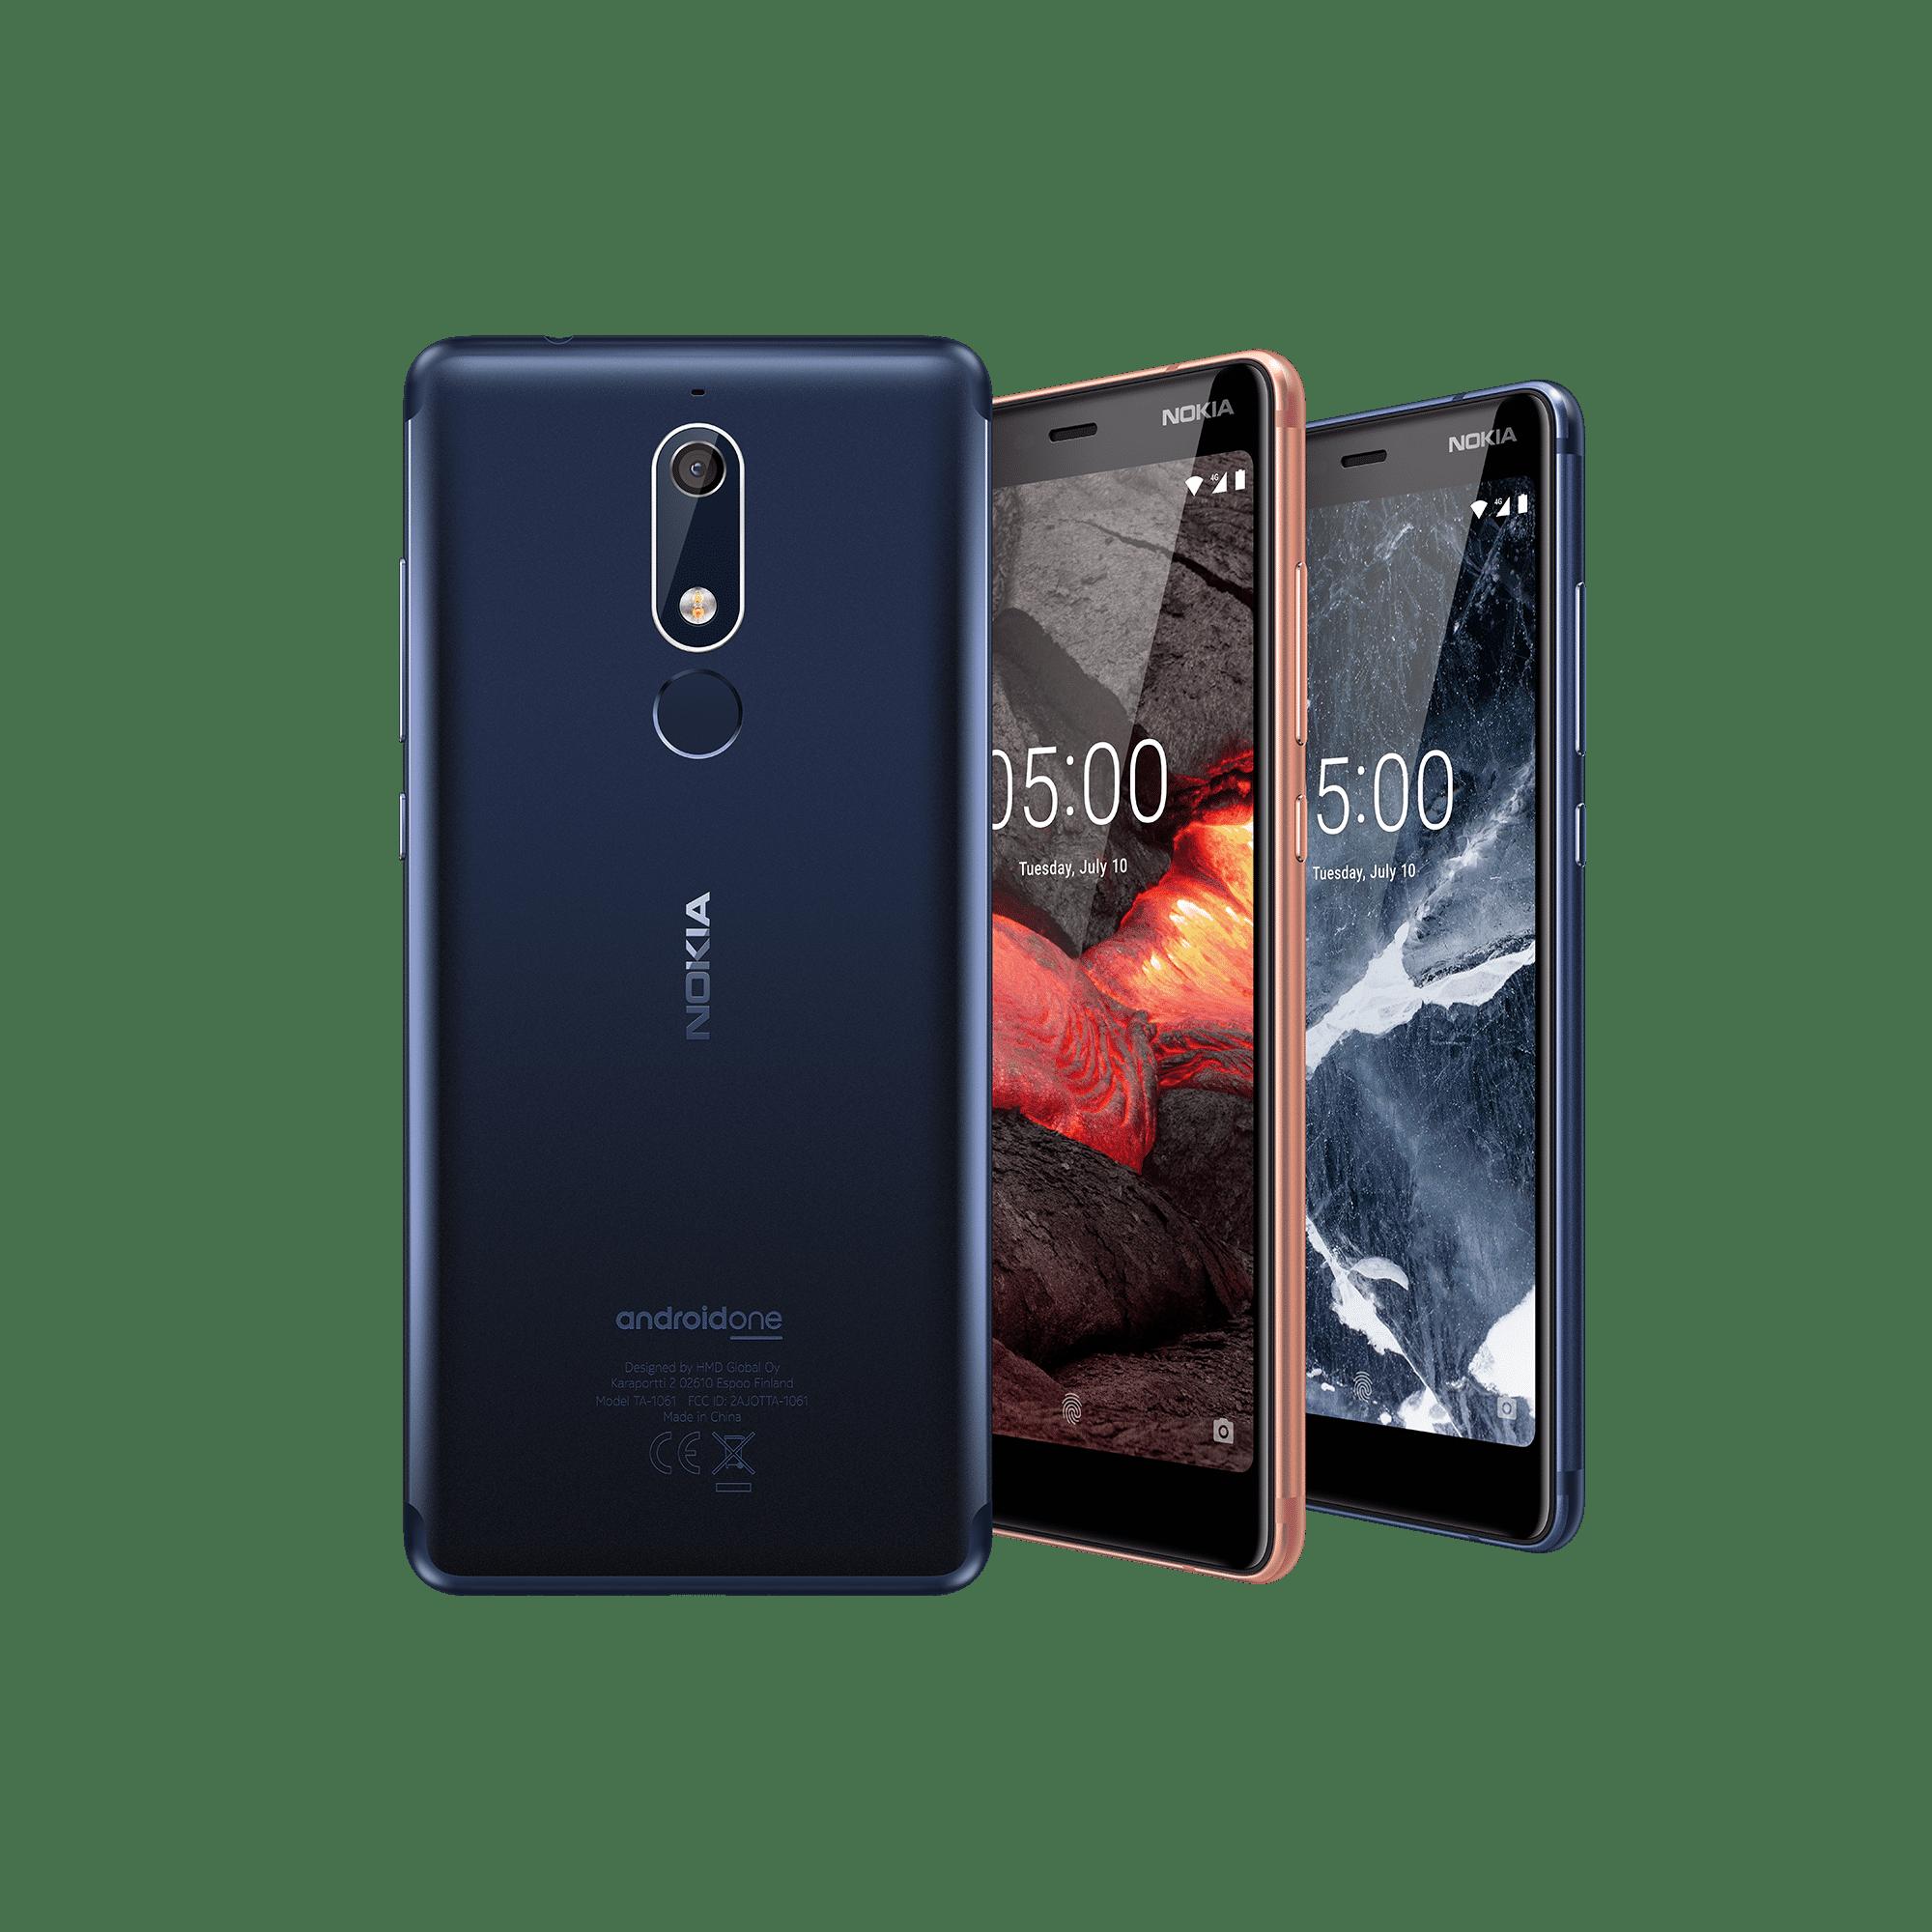 Das Nokia 5.1 kommt im Metallgehäuse und scharfem Bildschirm für rund 200 Euro. trotz der scharfen Konkurrenz ist Android One noch ein Alleinstellungsmerkmal.